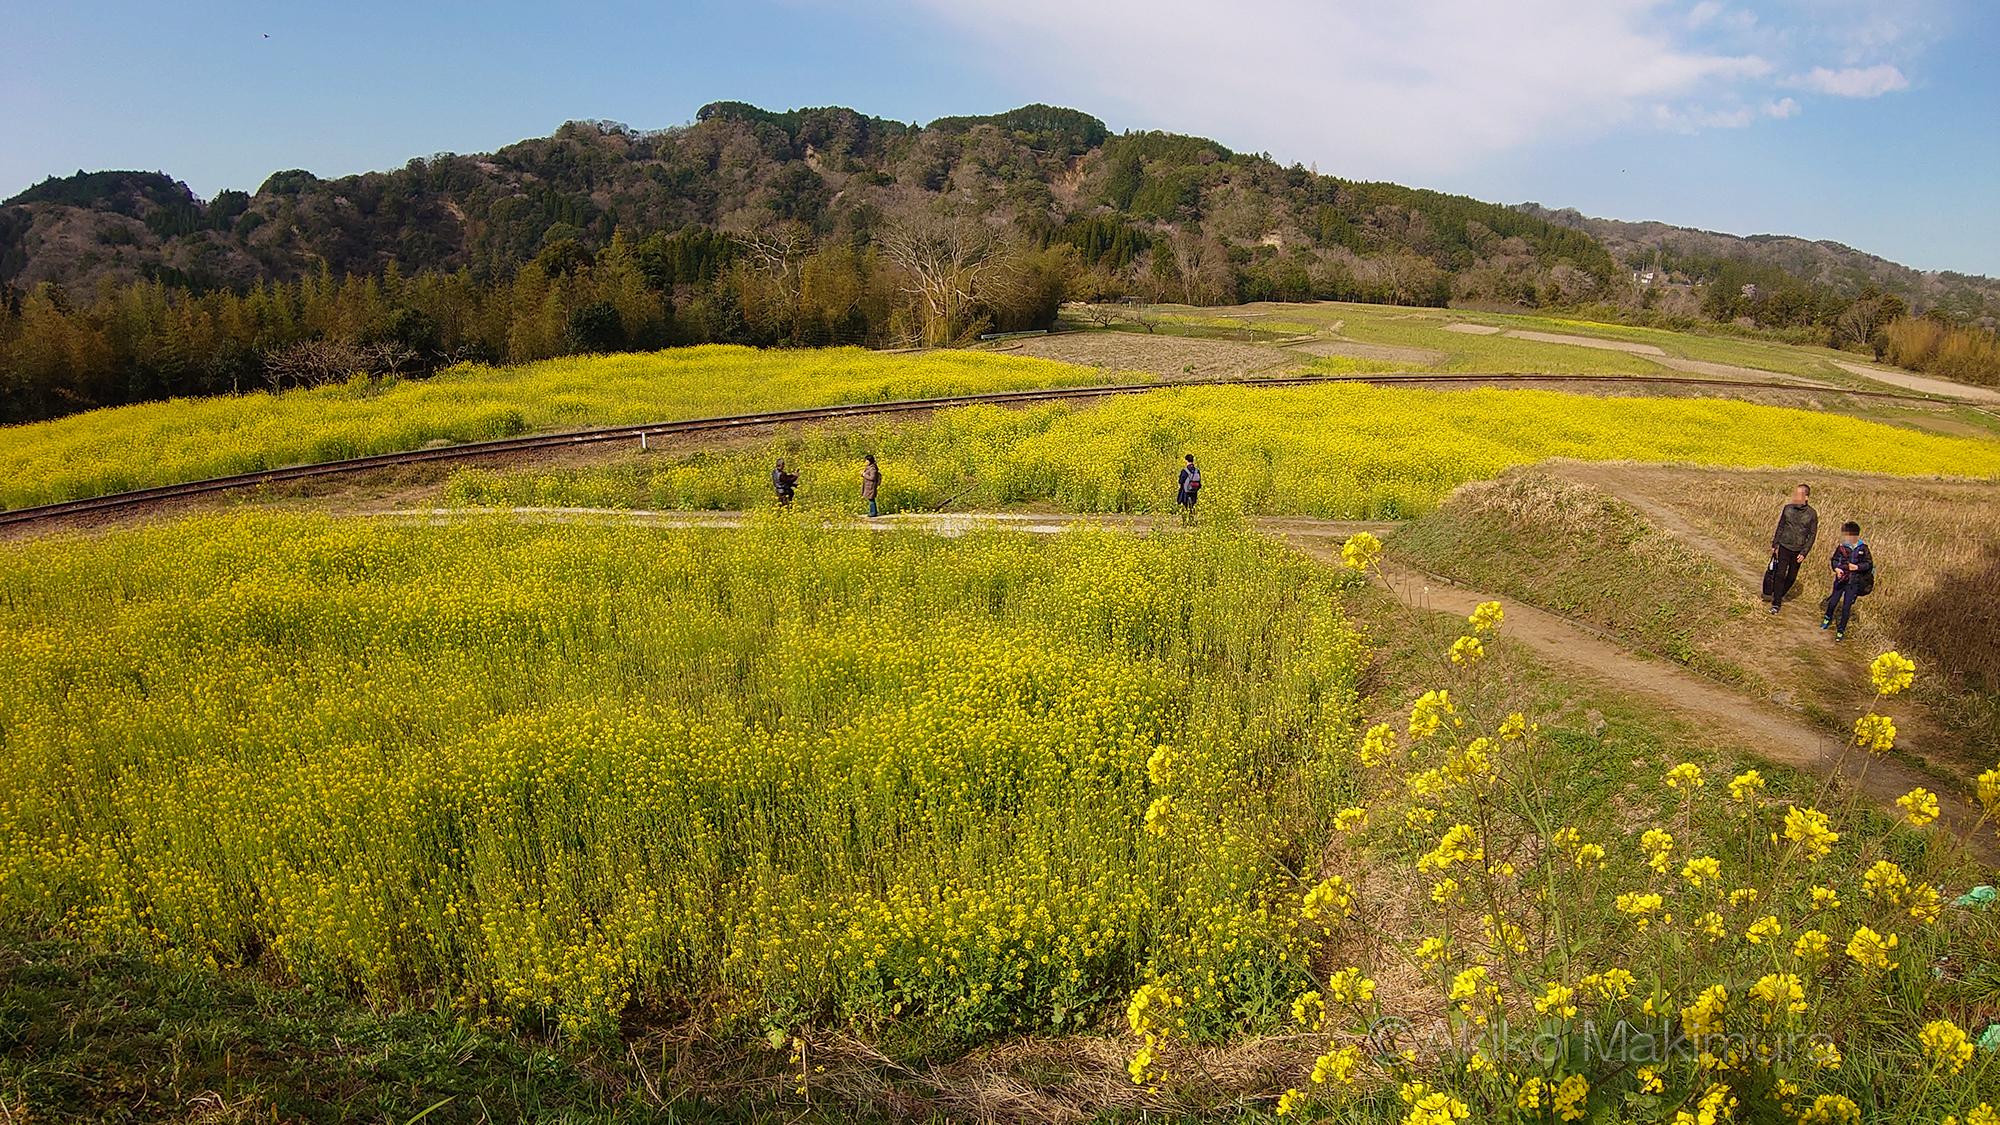 春の小湊鉄道 なの花畑をゆく